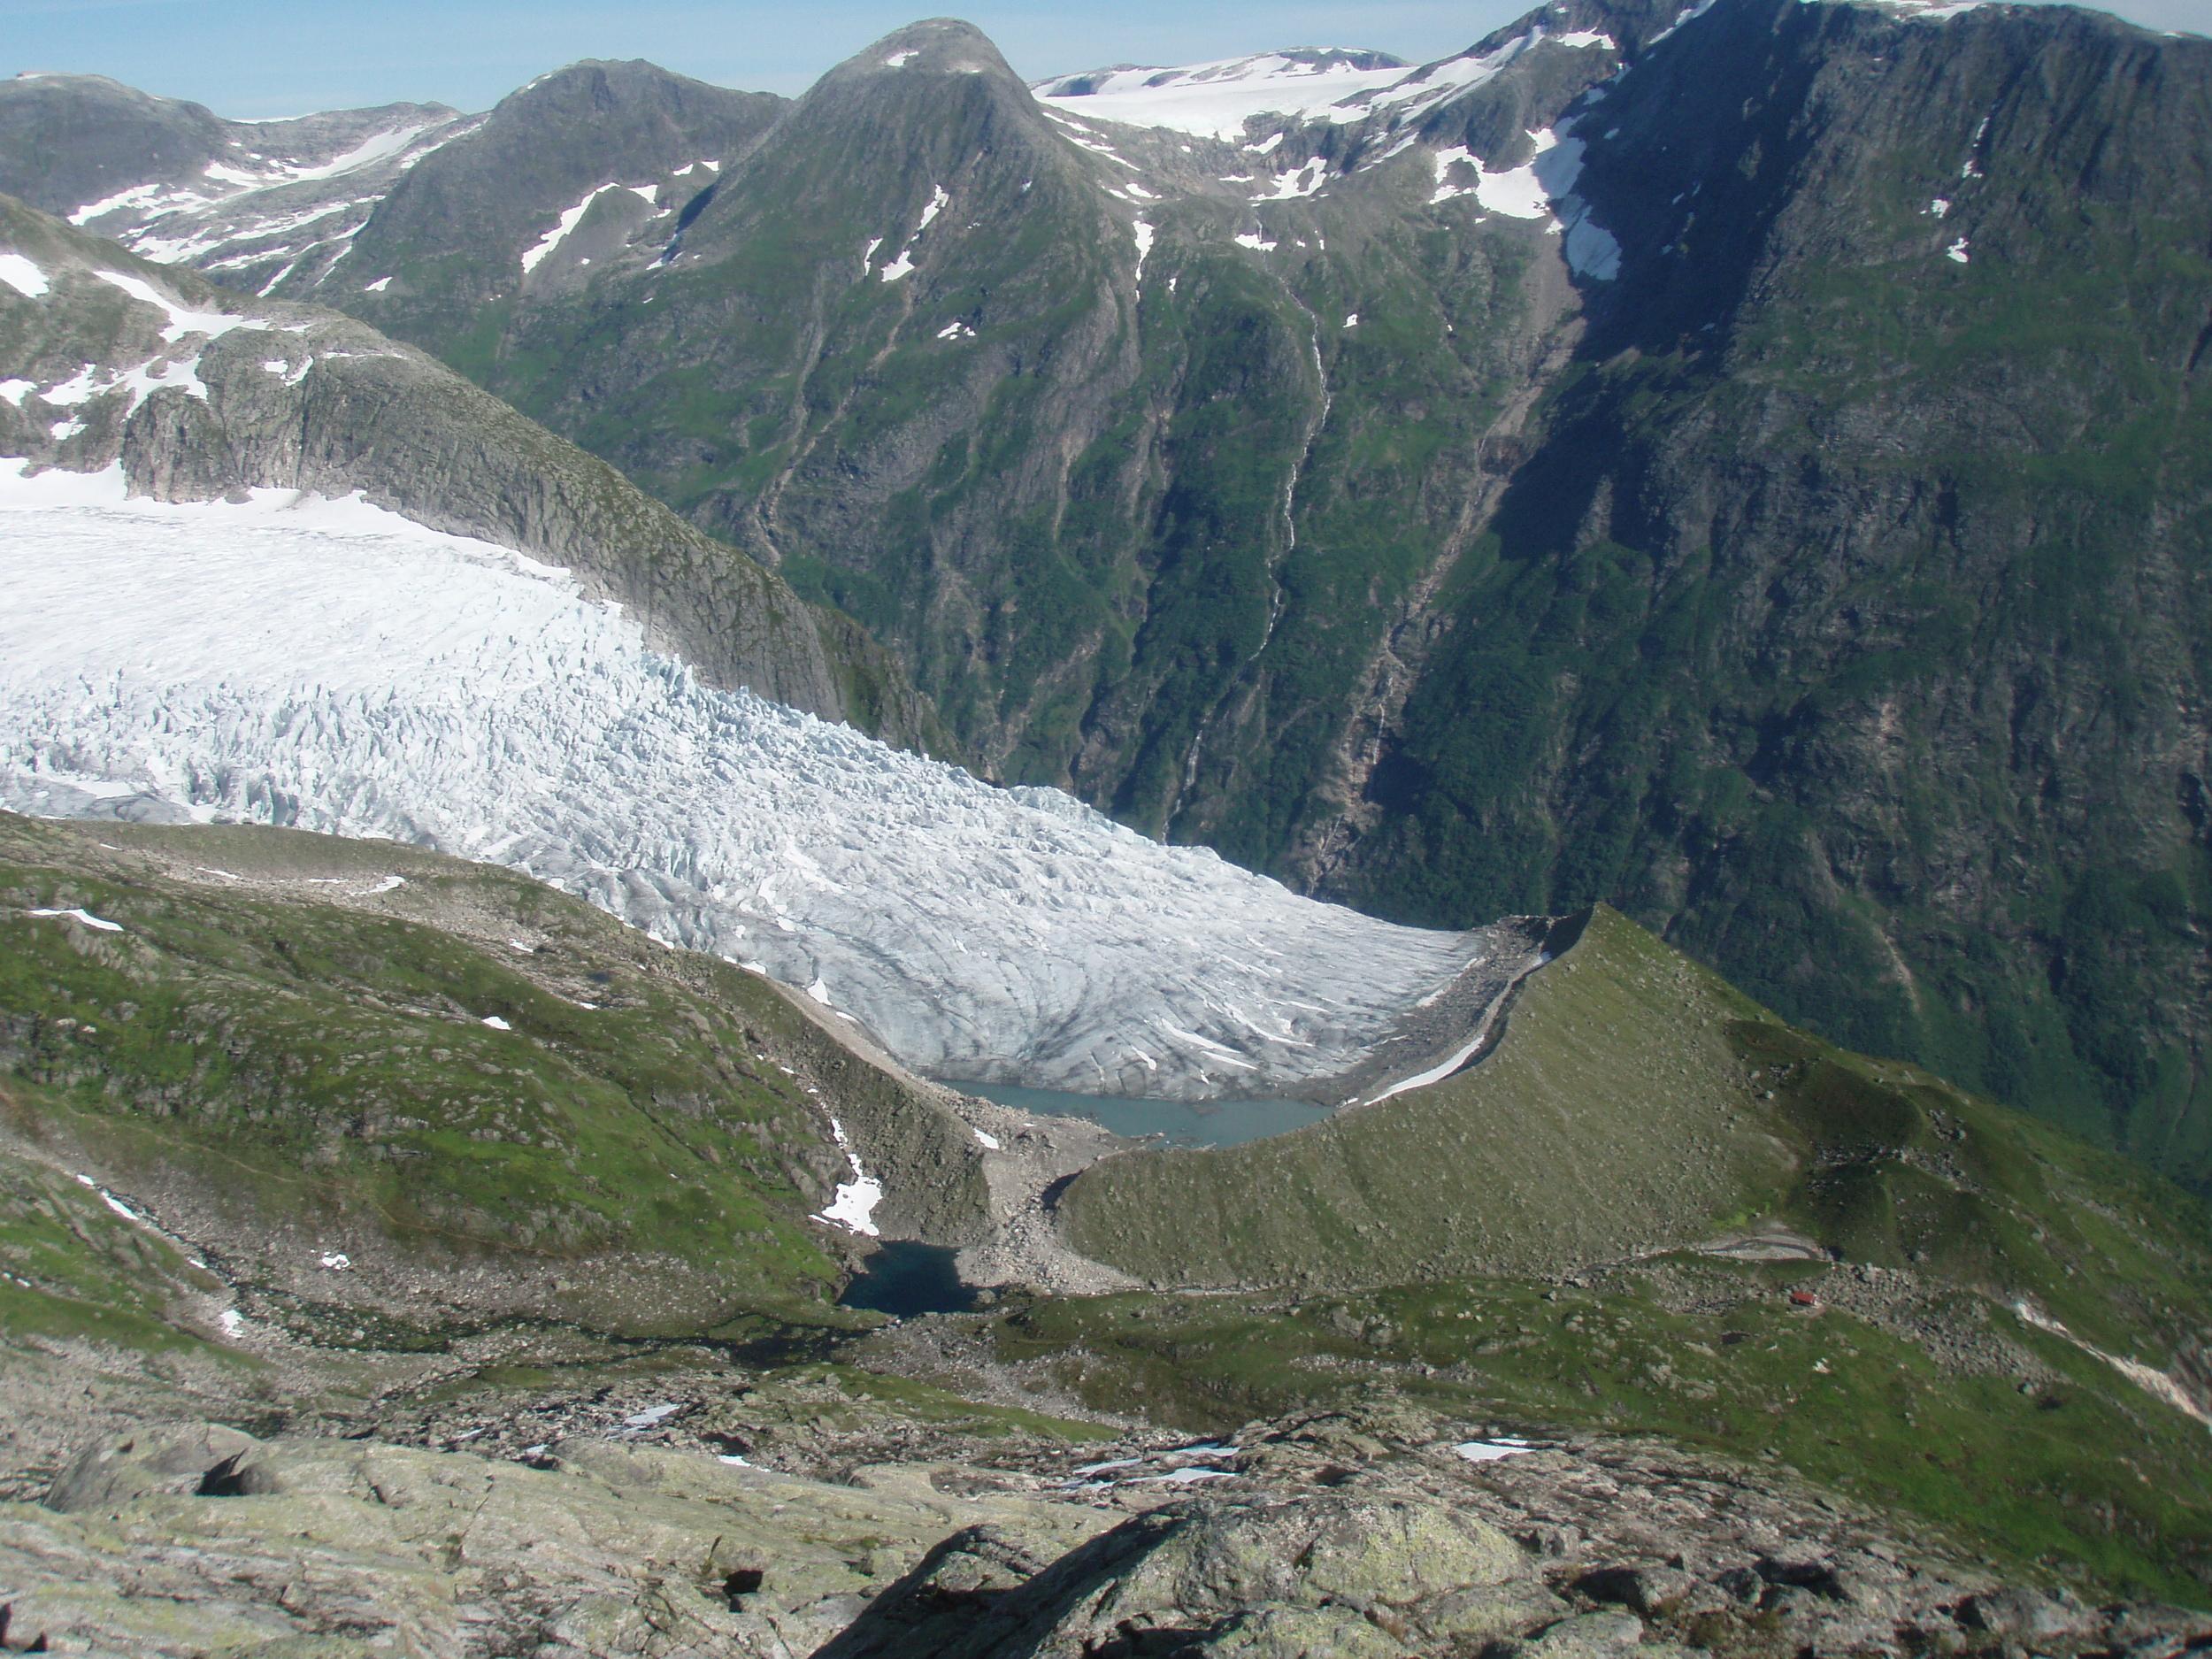 Flatbreen med den mektige endemorenen i 2007. Foto: Gaute Dvergsdal Bøyum.